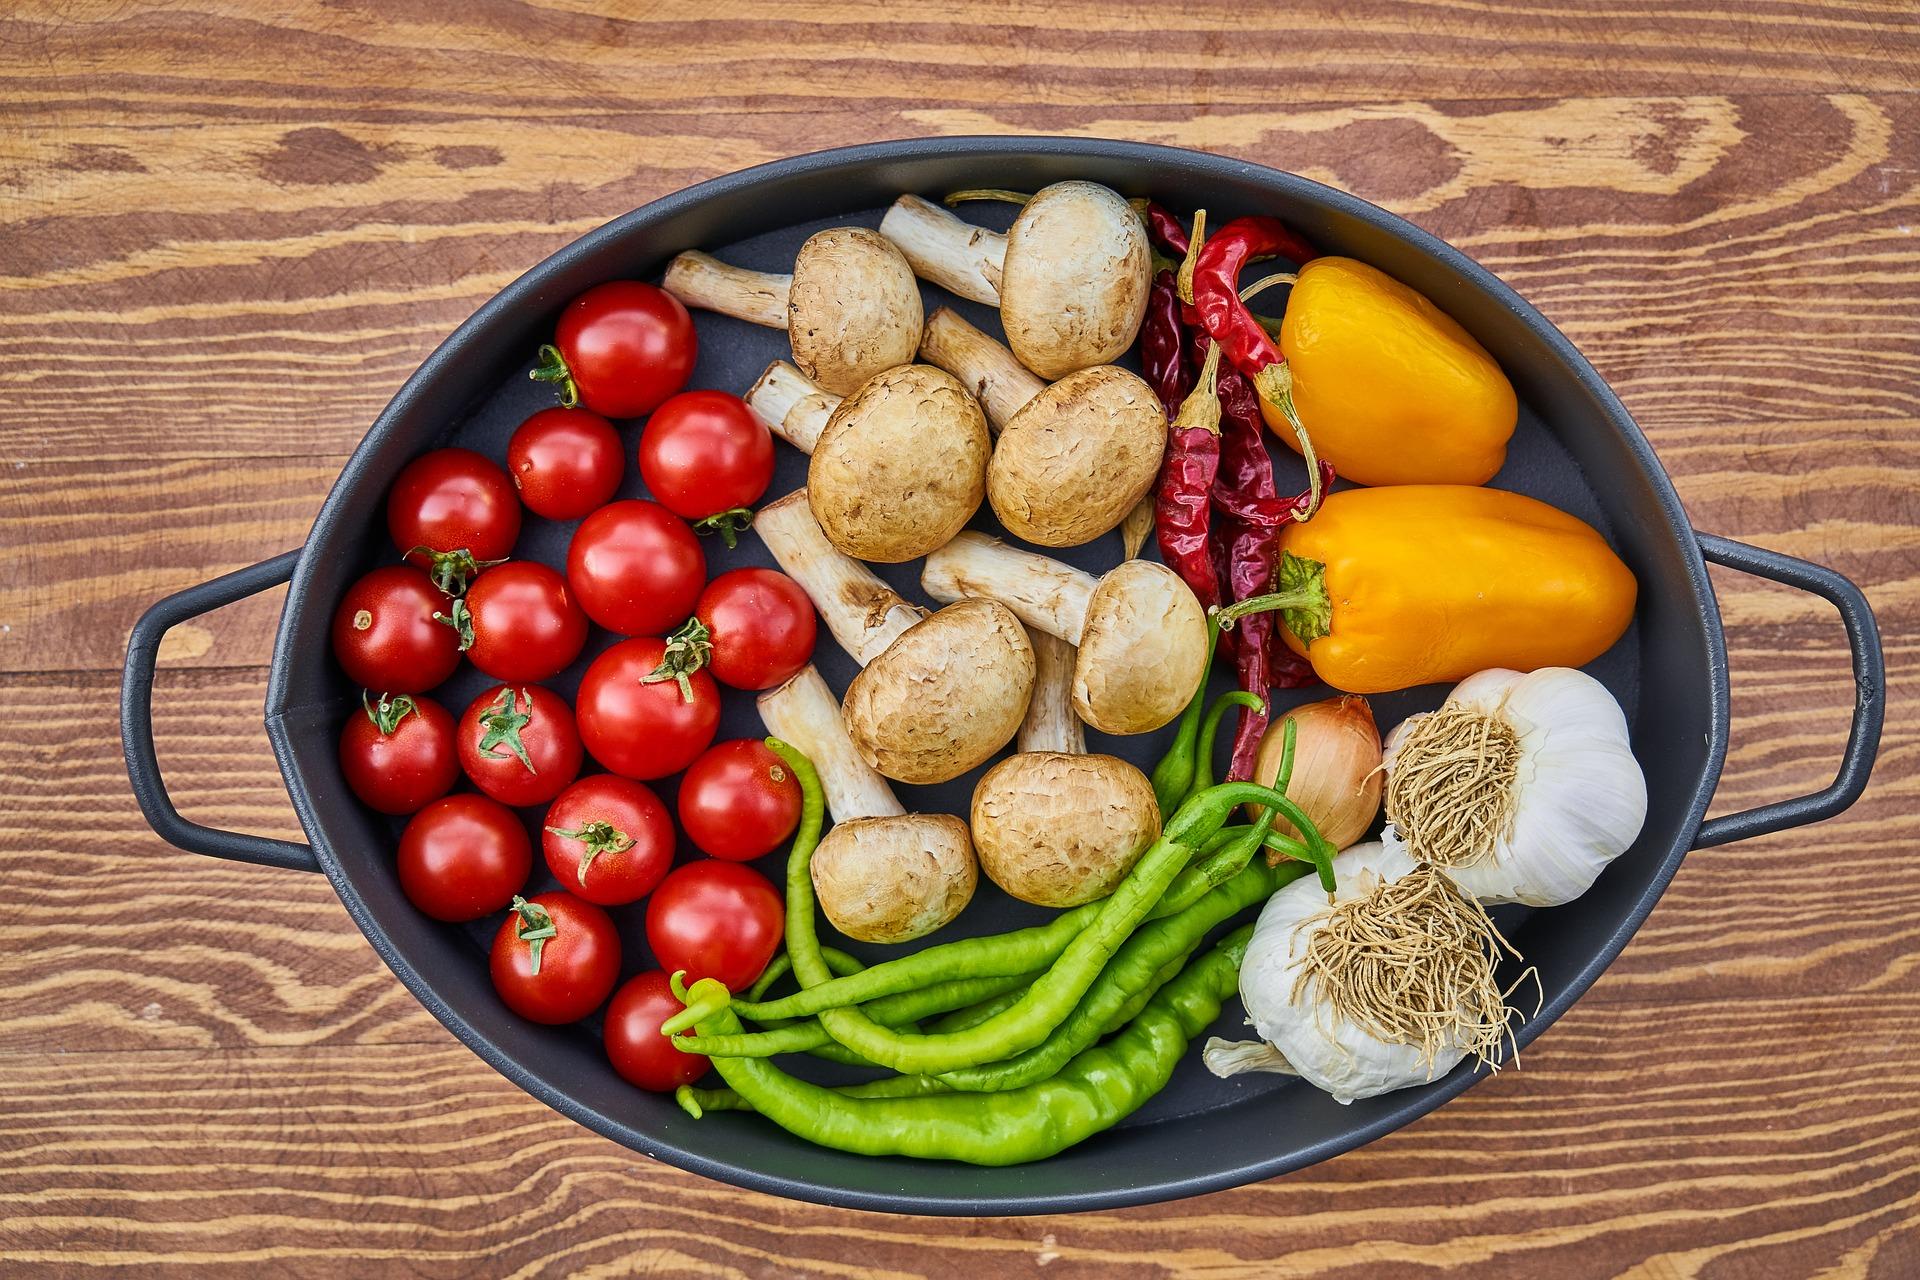 Przetwarzane jedzenie – czym jest? Czemu go unikać?